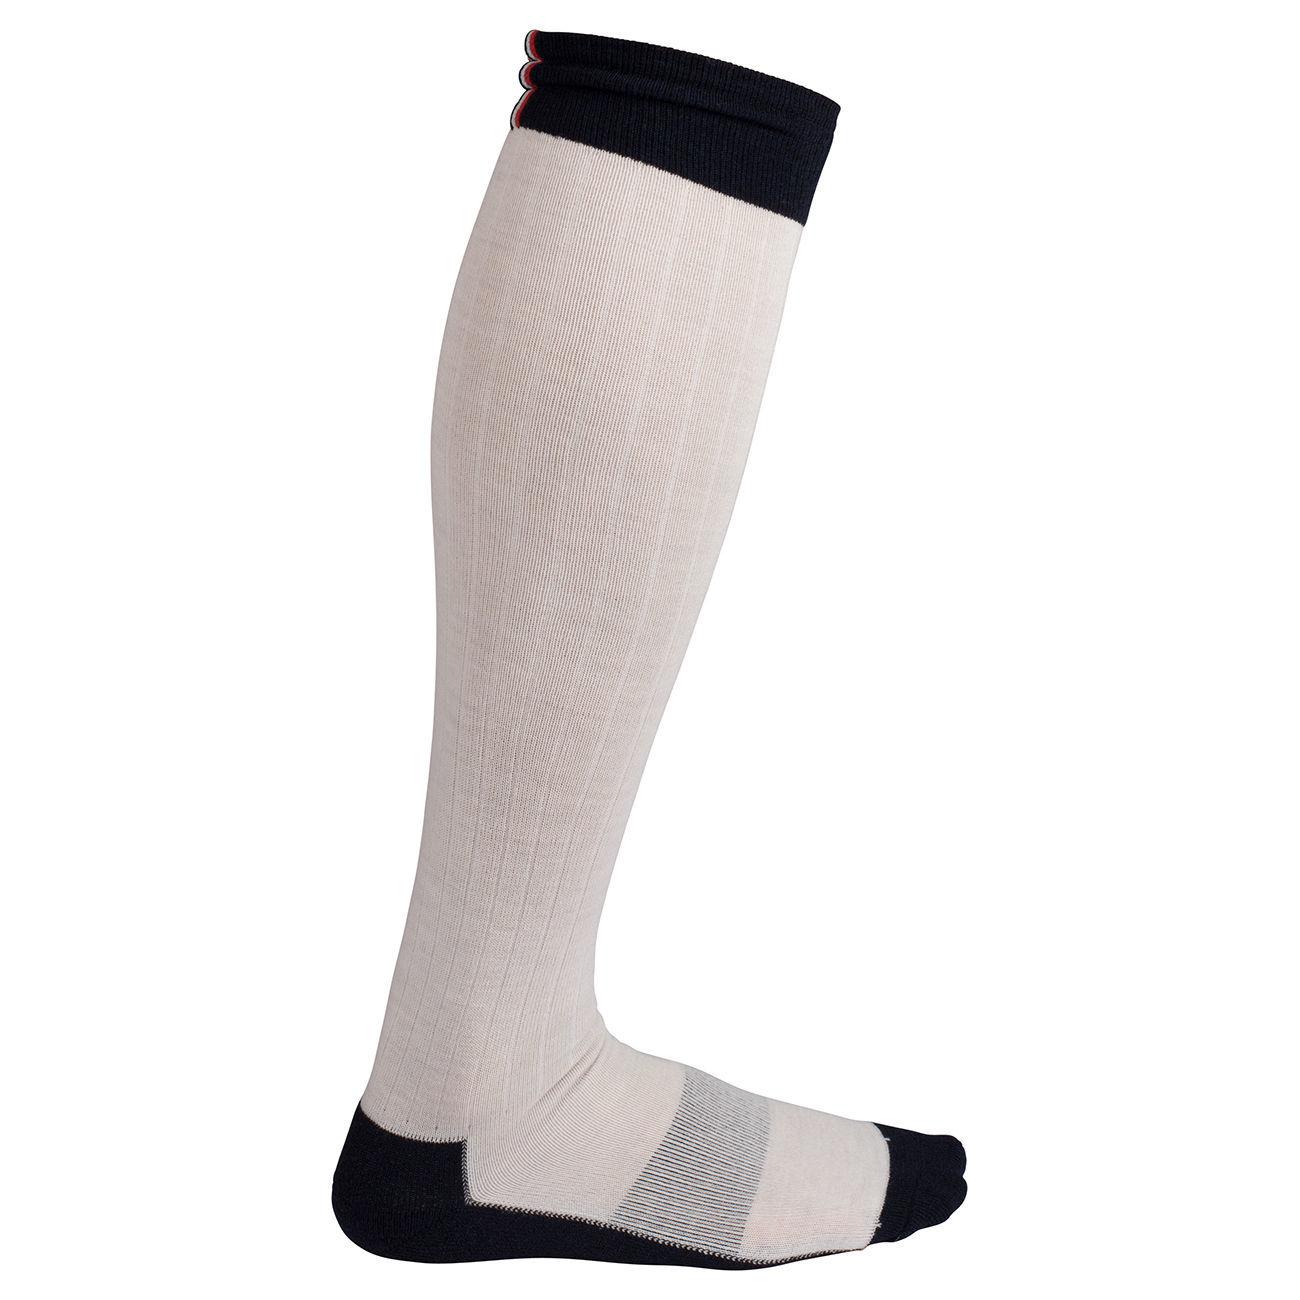 Bilde av Amundsen performance socks USO02.1.601